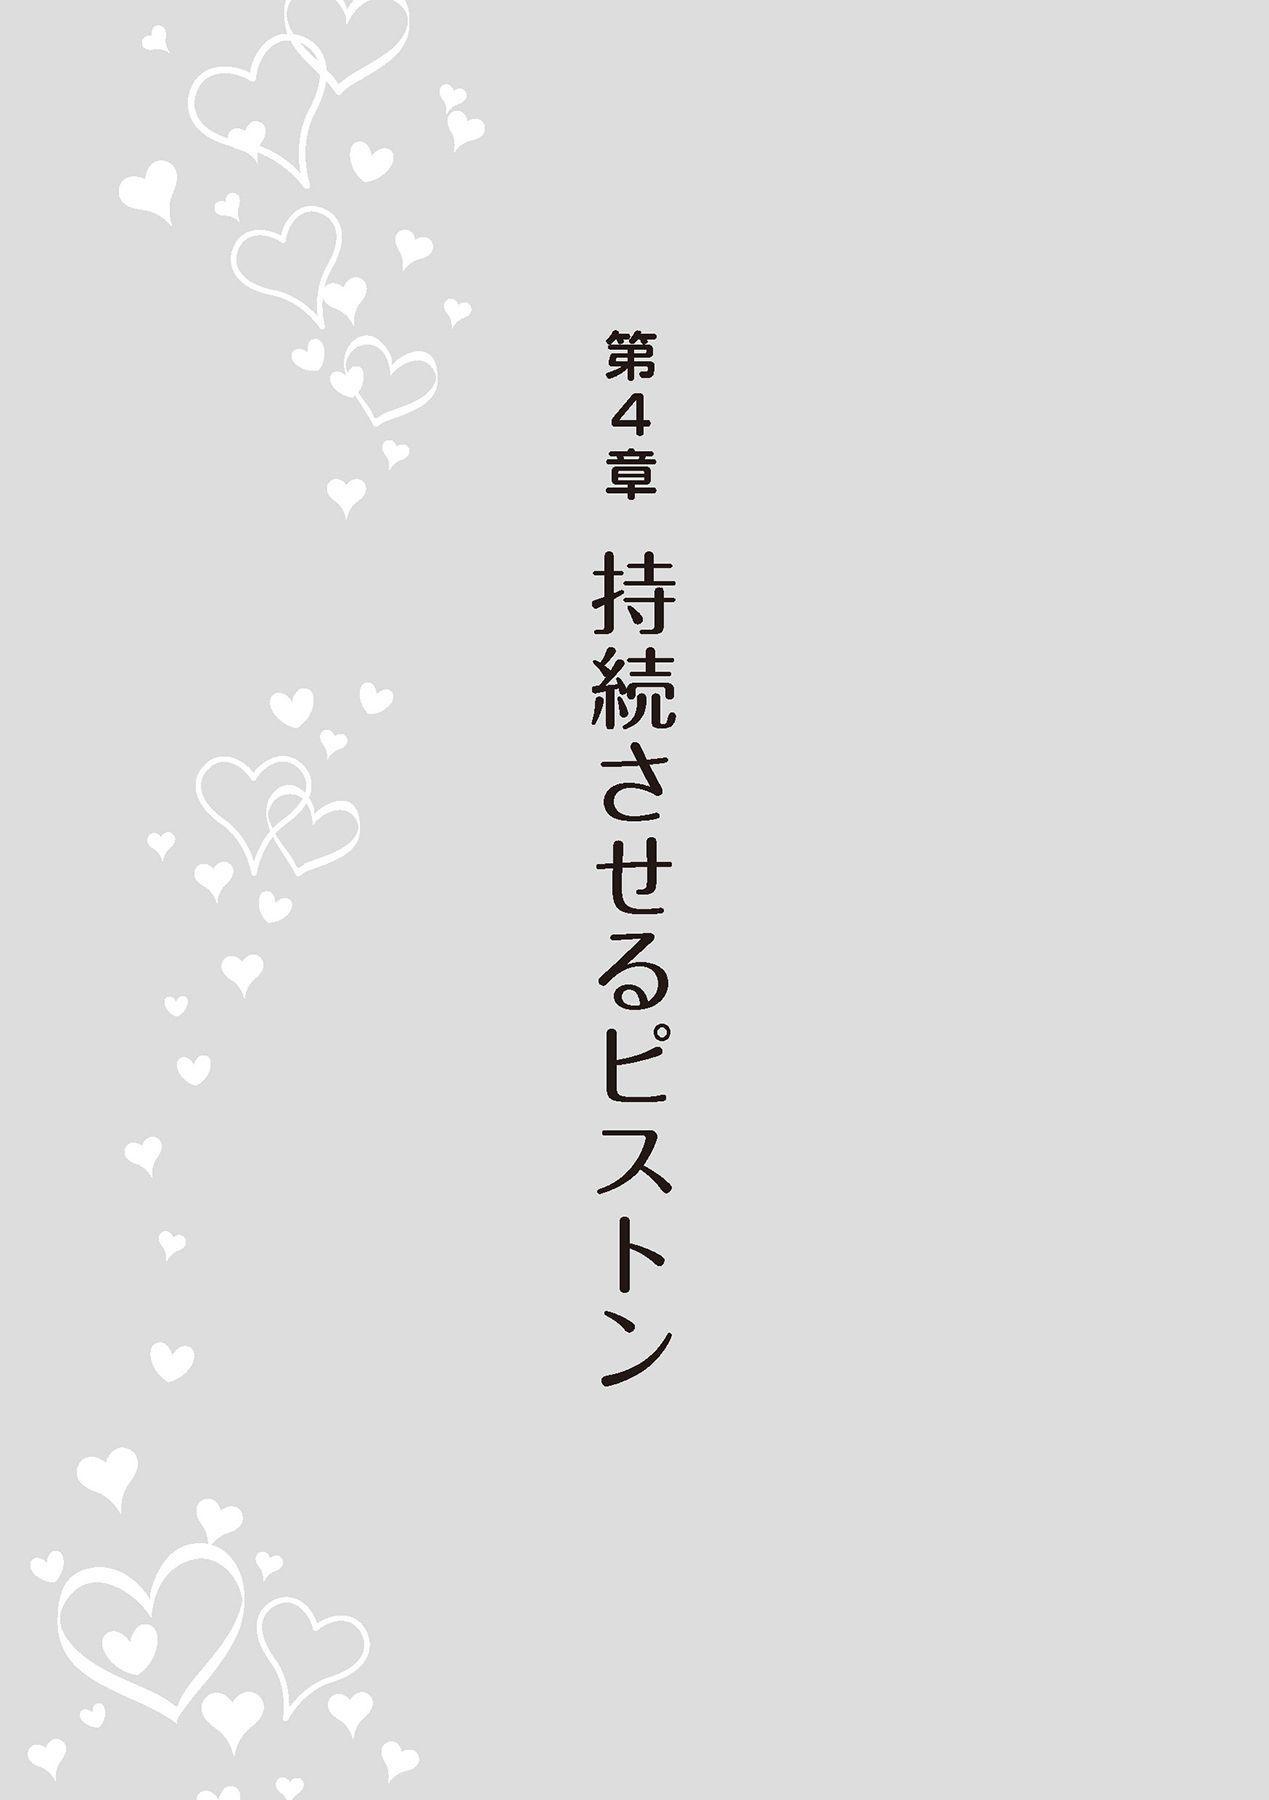 膣挿入&ピストン運動完全マニュアル イラスト版……ピスとんッ! 104